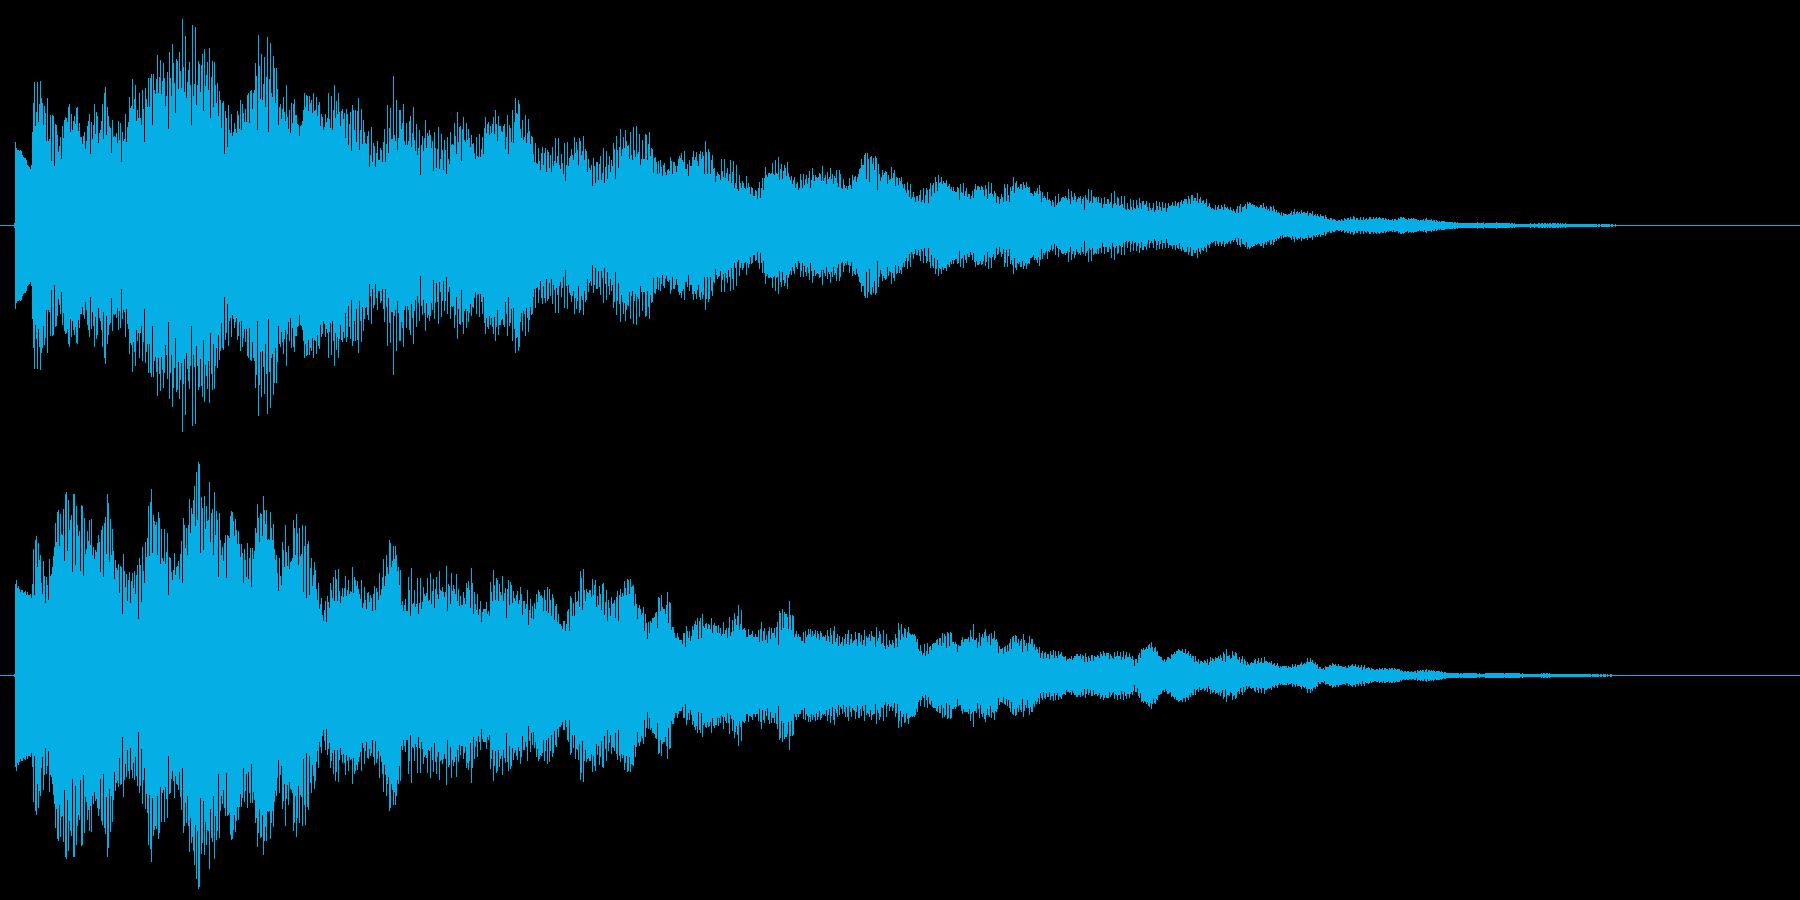 キラーン キラリ ピカーン キラキラの再生済みの波形